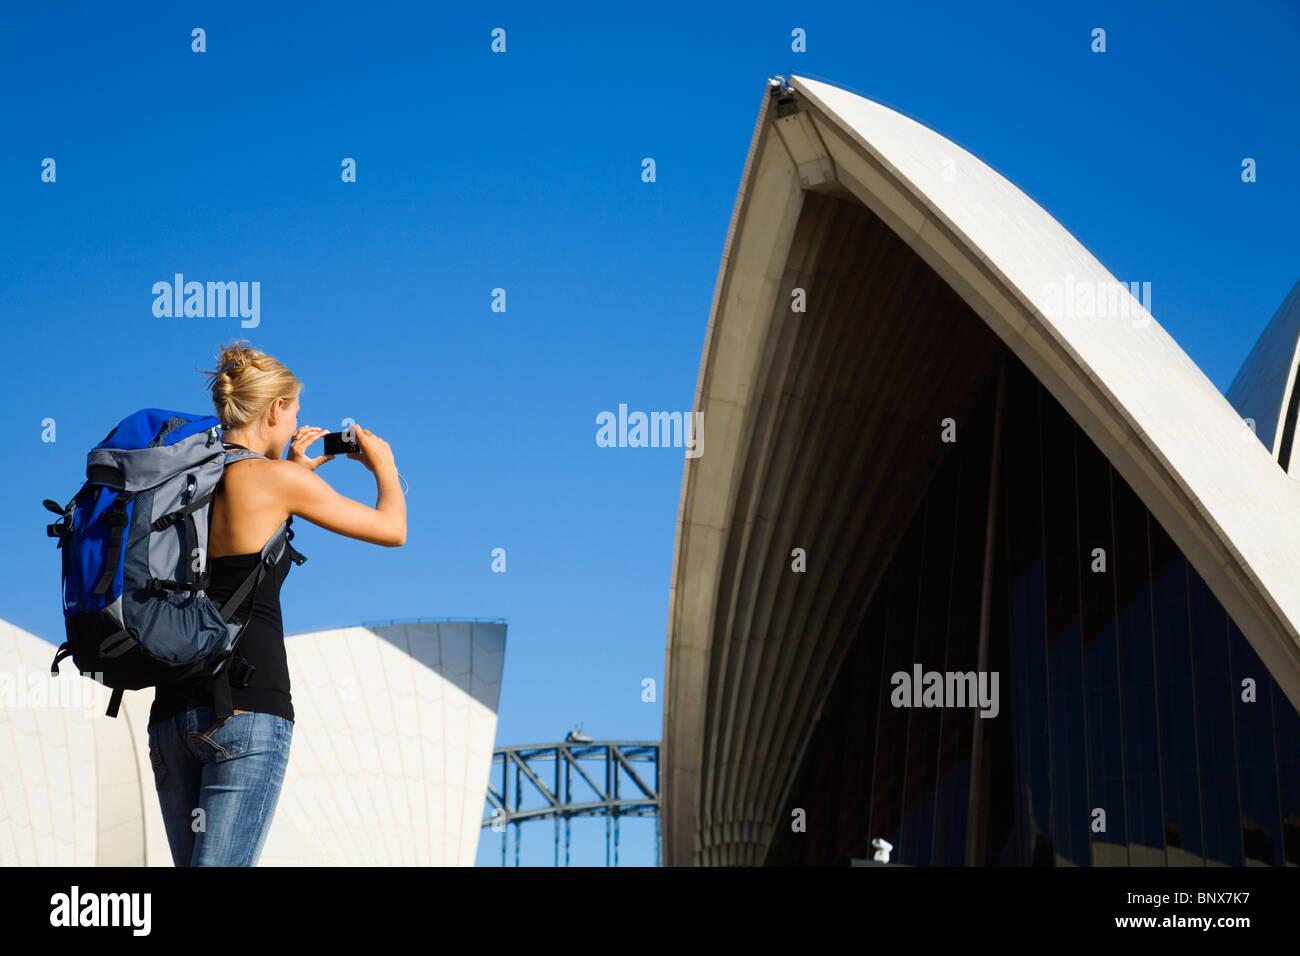 Un randonneur photographies l'Opéra de Sydney, Nouvelle Galles du Sud, Australie. Photo Stock